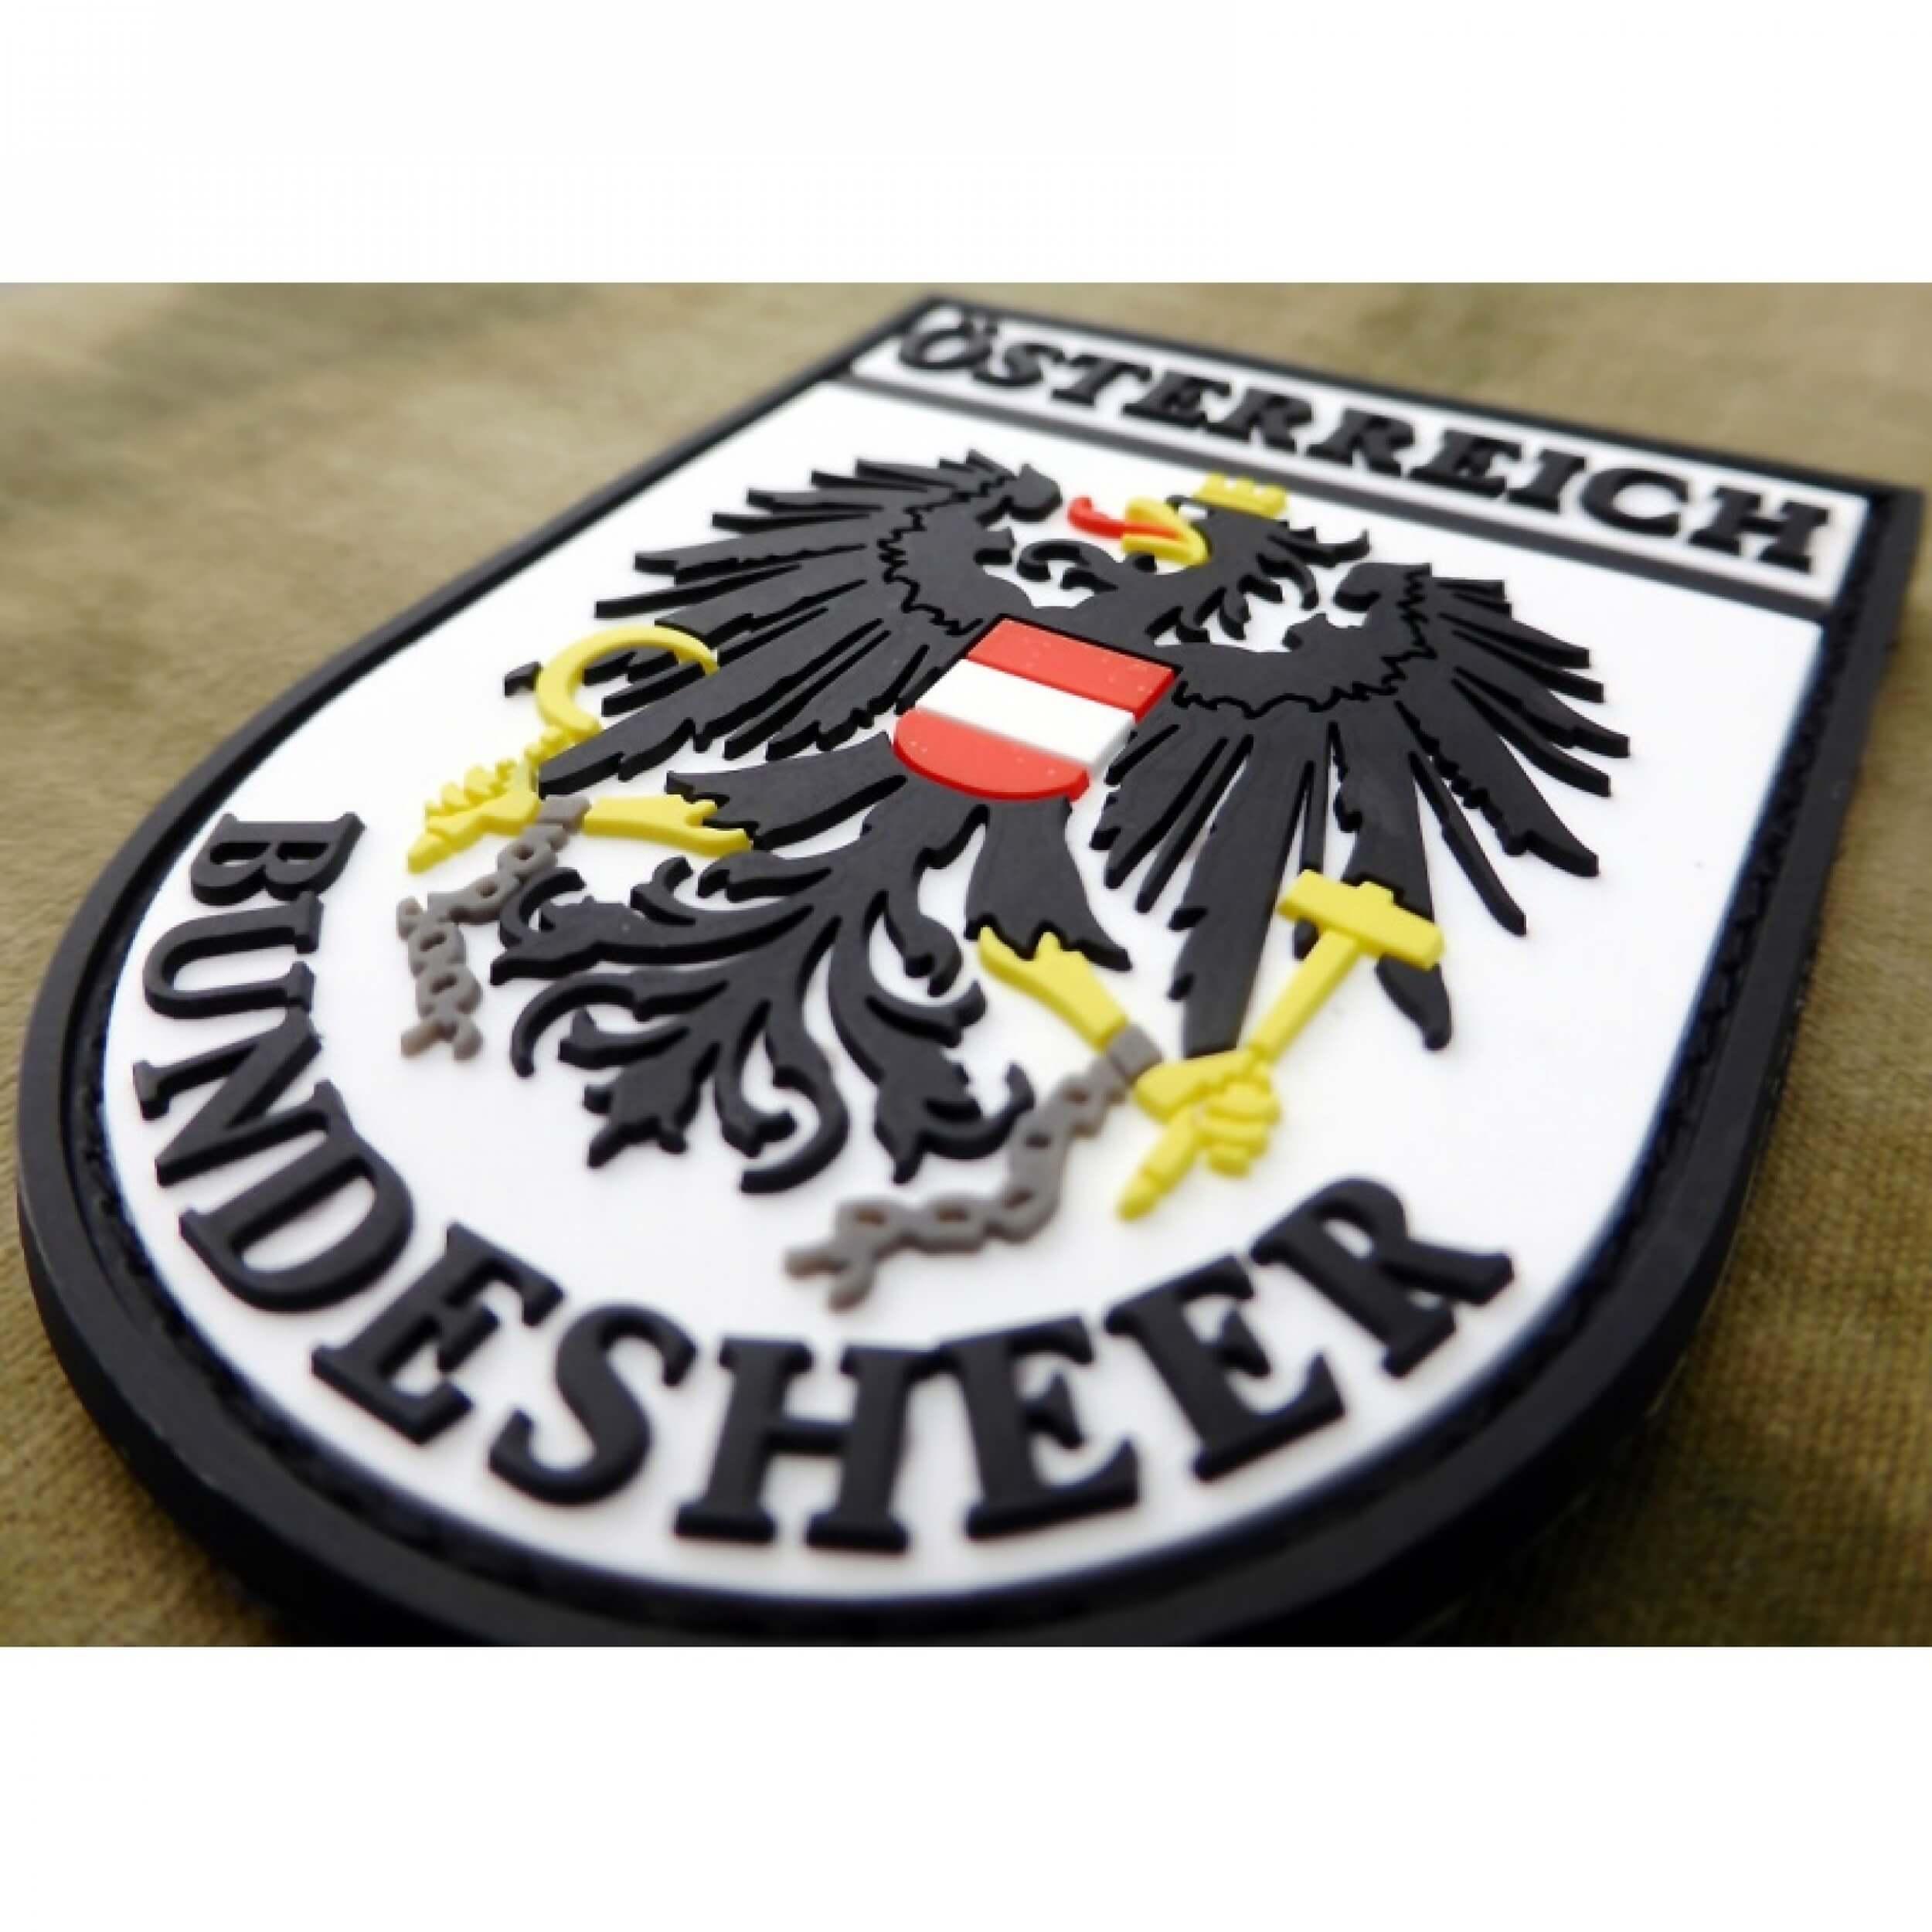 JTG Ärmelabzeichen Österreich Bundesheer, fullcolor / 3D Rubber Patch